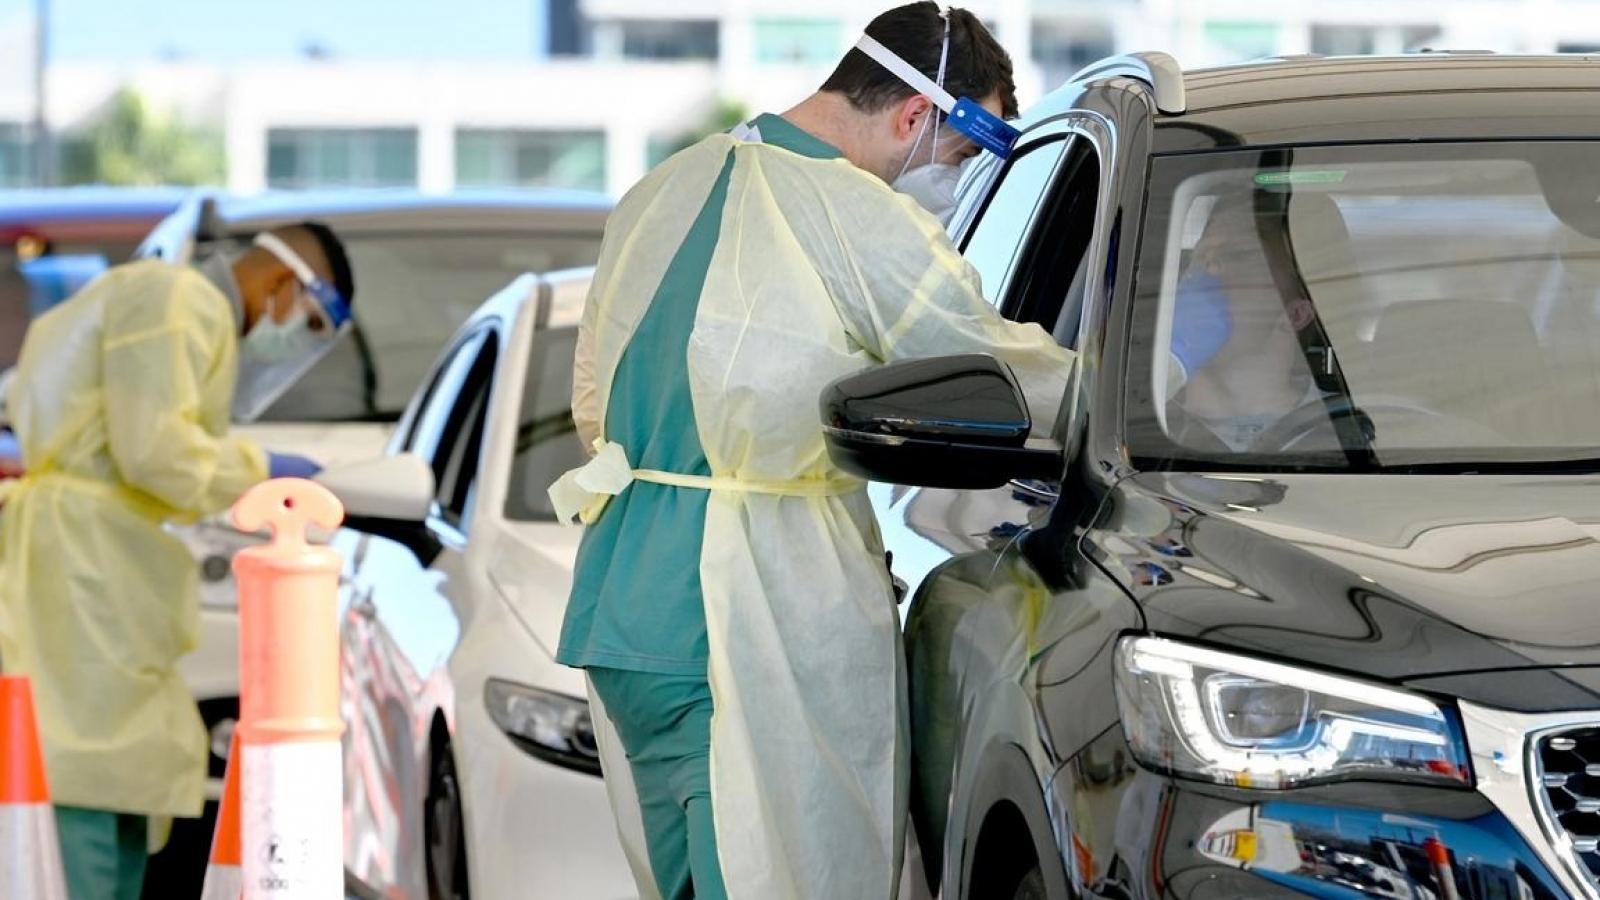 Thêm một bang Australia áp lệnh giới nghiêm để phòng dịch Covid-19